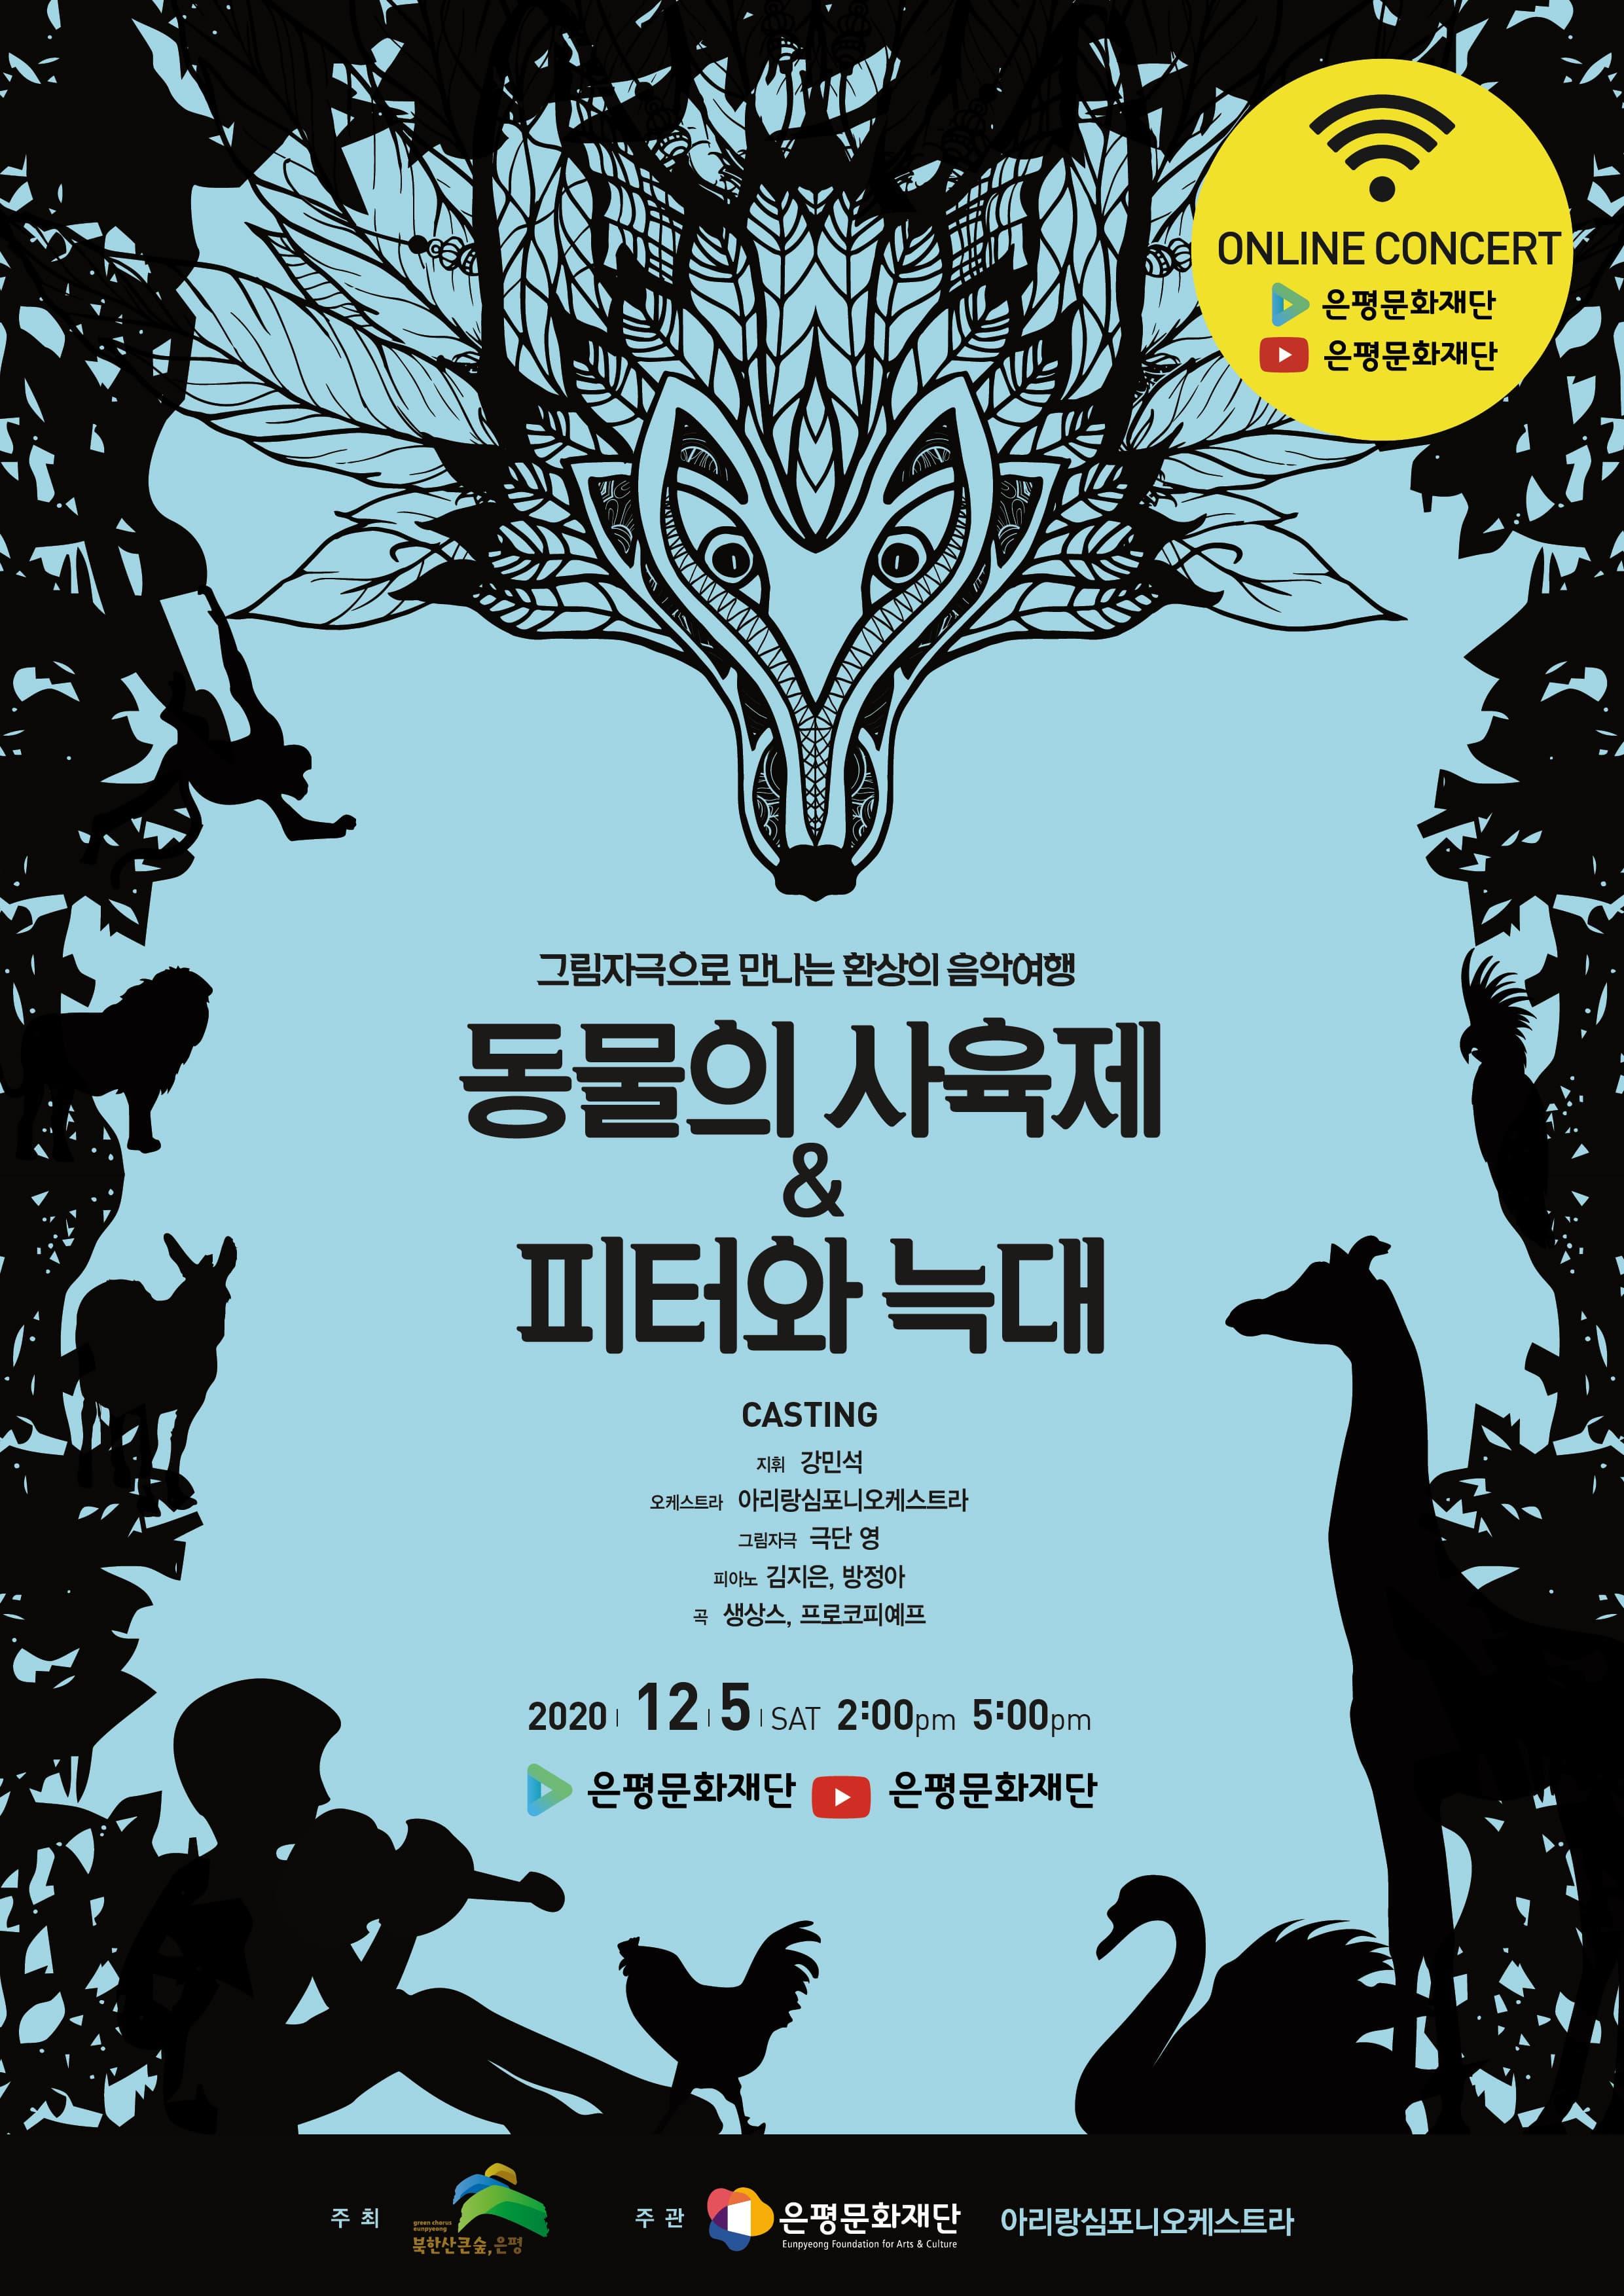 [은평문화재단] 2020 찾아가는 문화공연 <동물의 사육제 & 피터와 늑대>